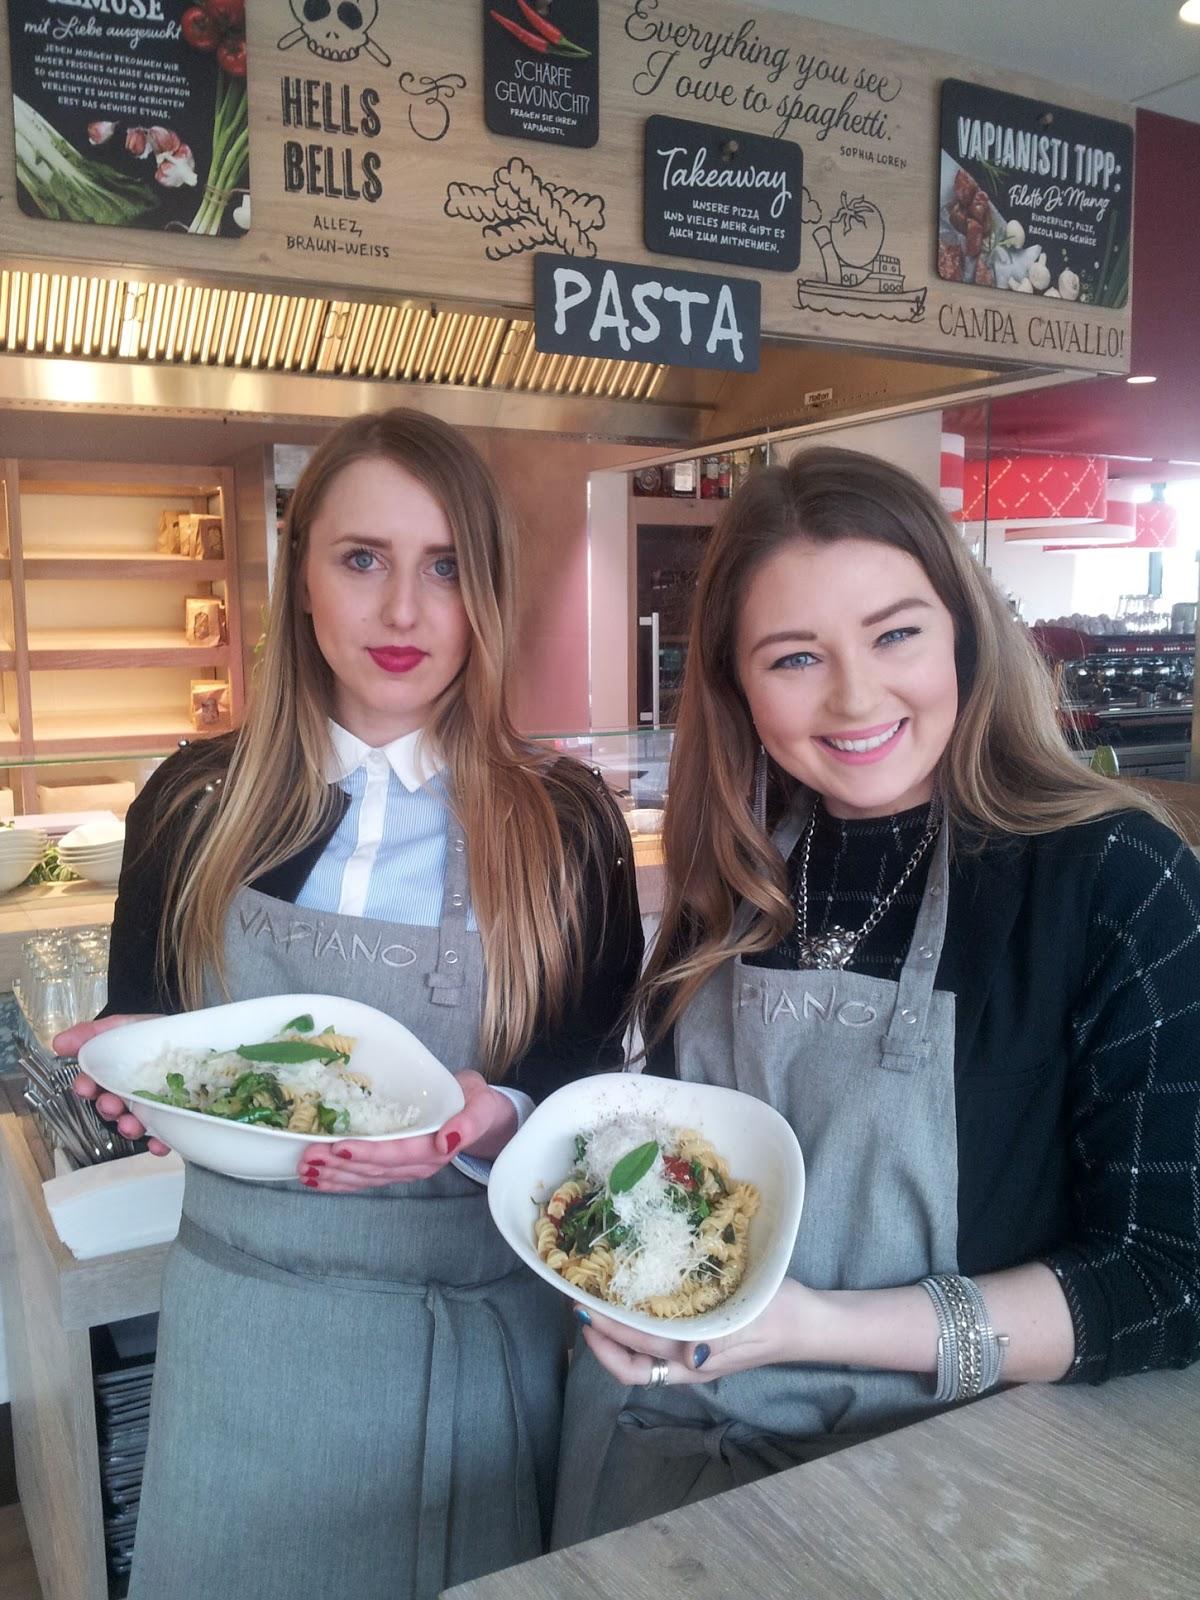 vapiano, blogger, kochen, hamburg,neueröffnung, rothenbaumchaussee, pasta, , lynns pretty mess, italienische nudeln, Gerichte, Parmesan